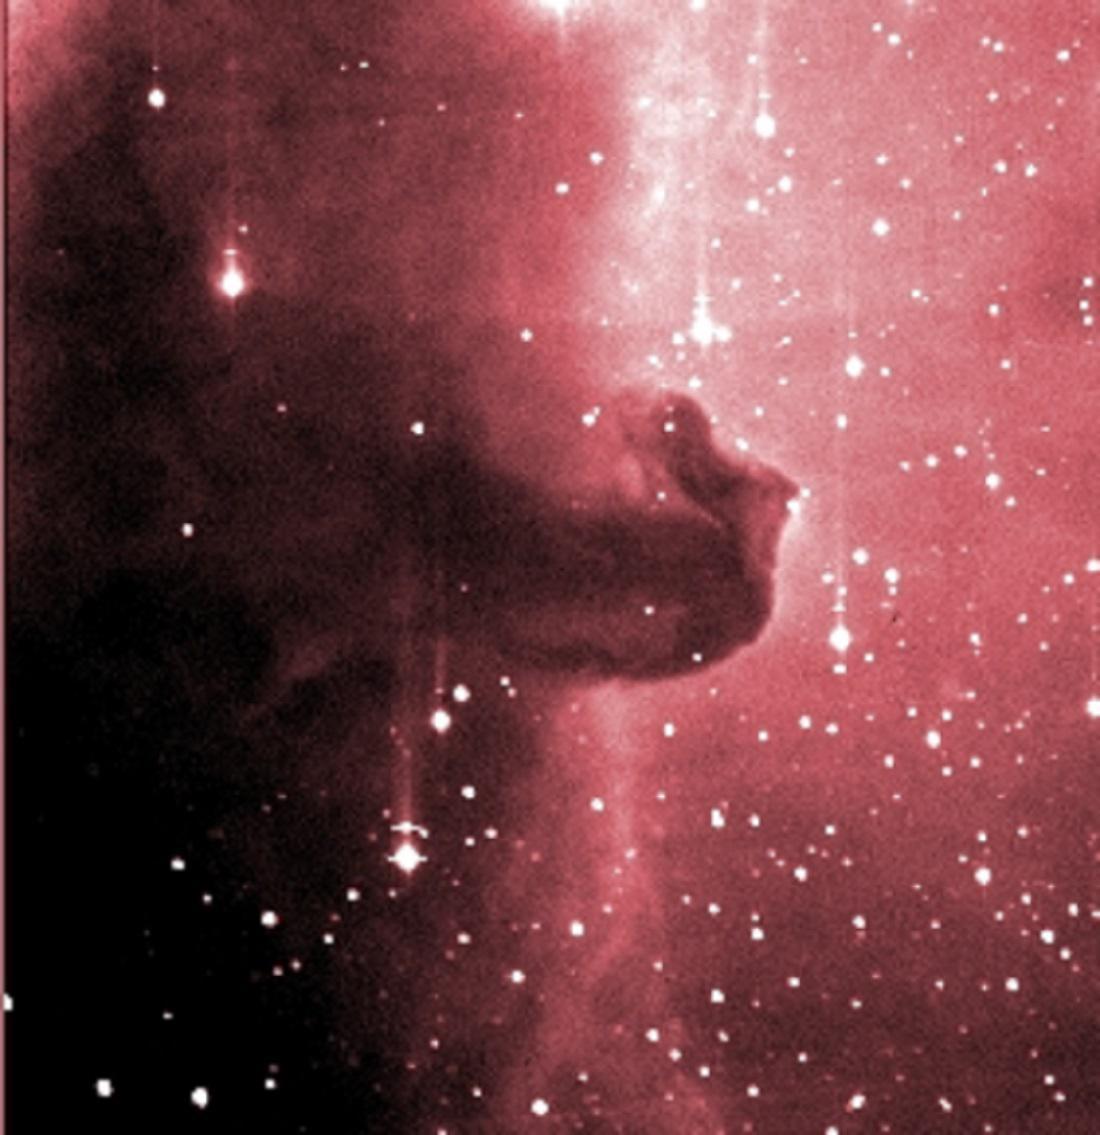 Snímek mlhoviny Koňská hlava (upraven do nepravých barev) byl pořízen v noci 28. února 2003